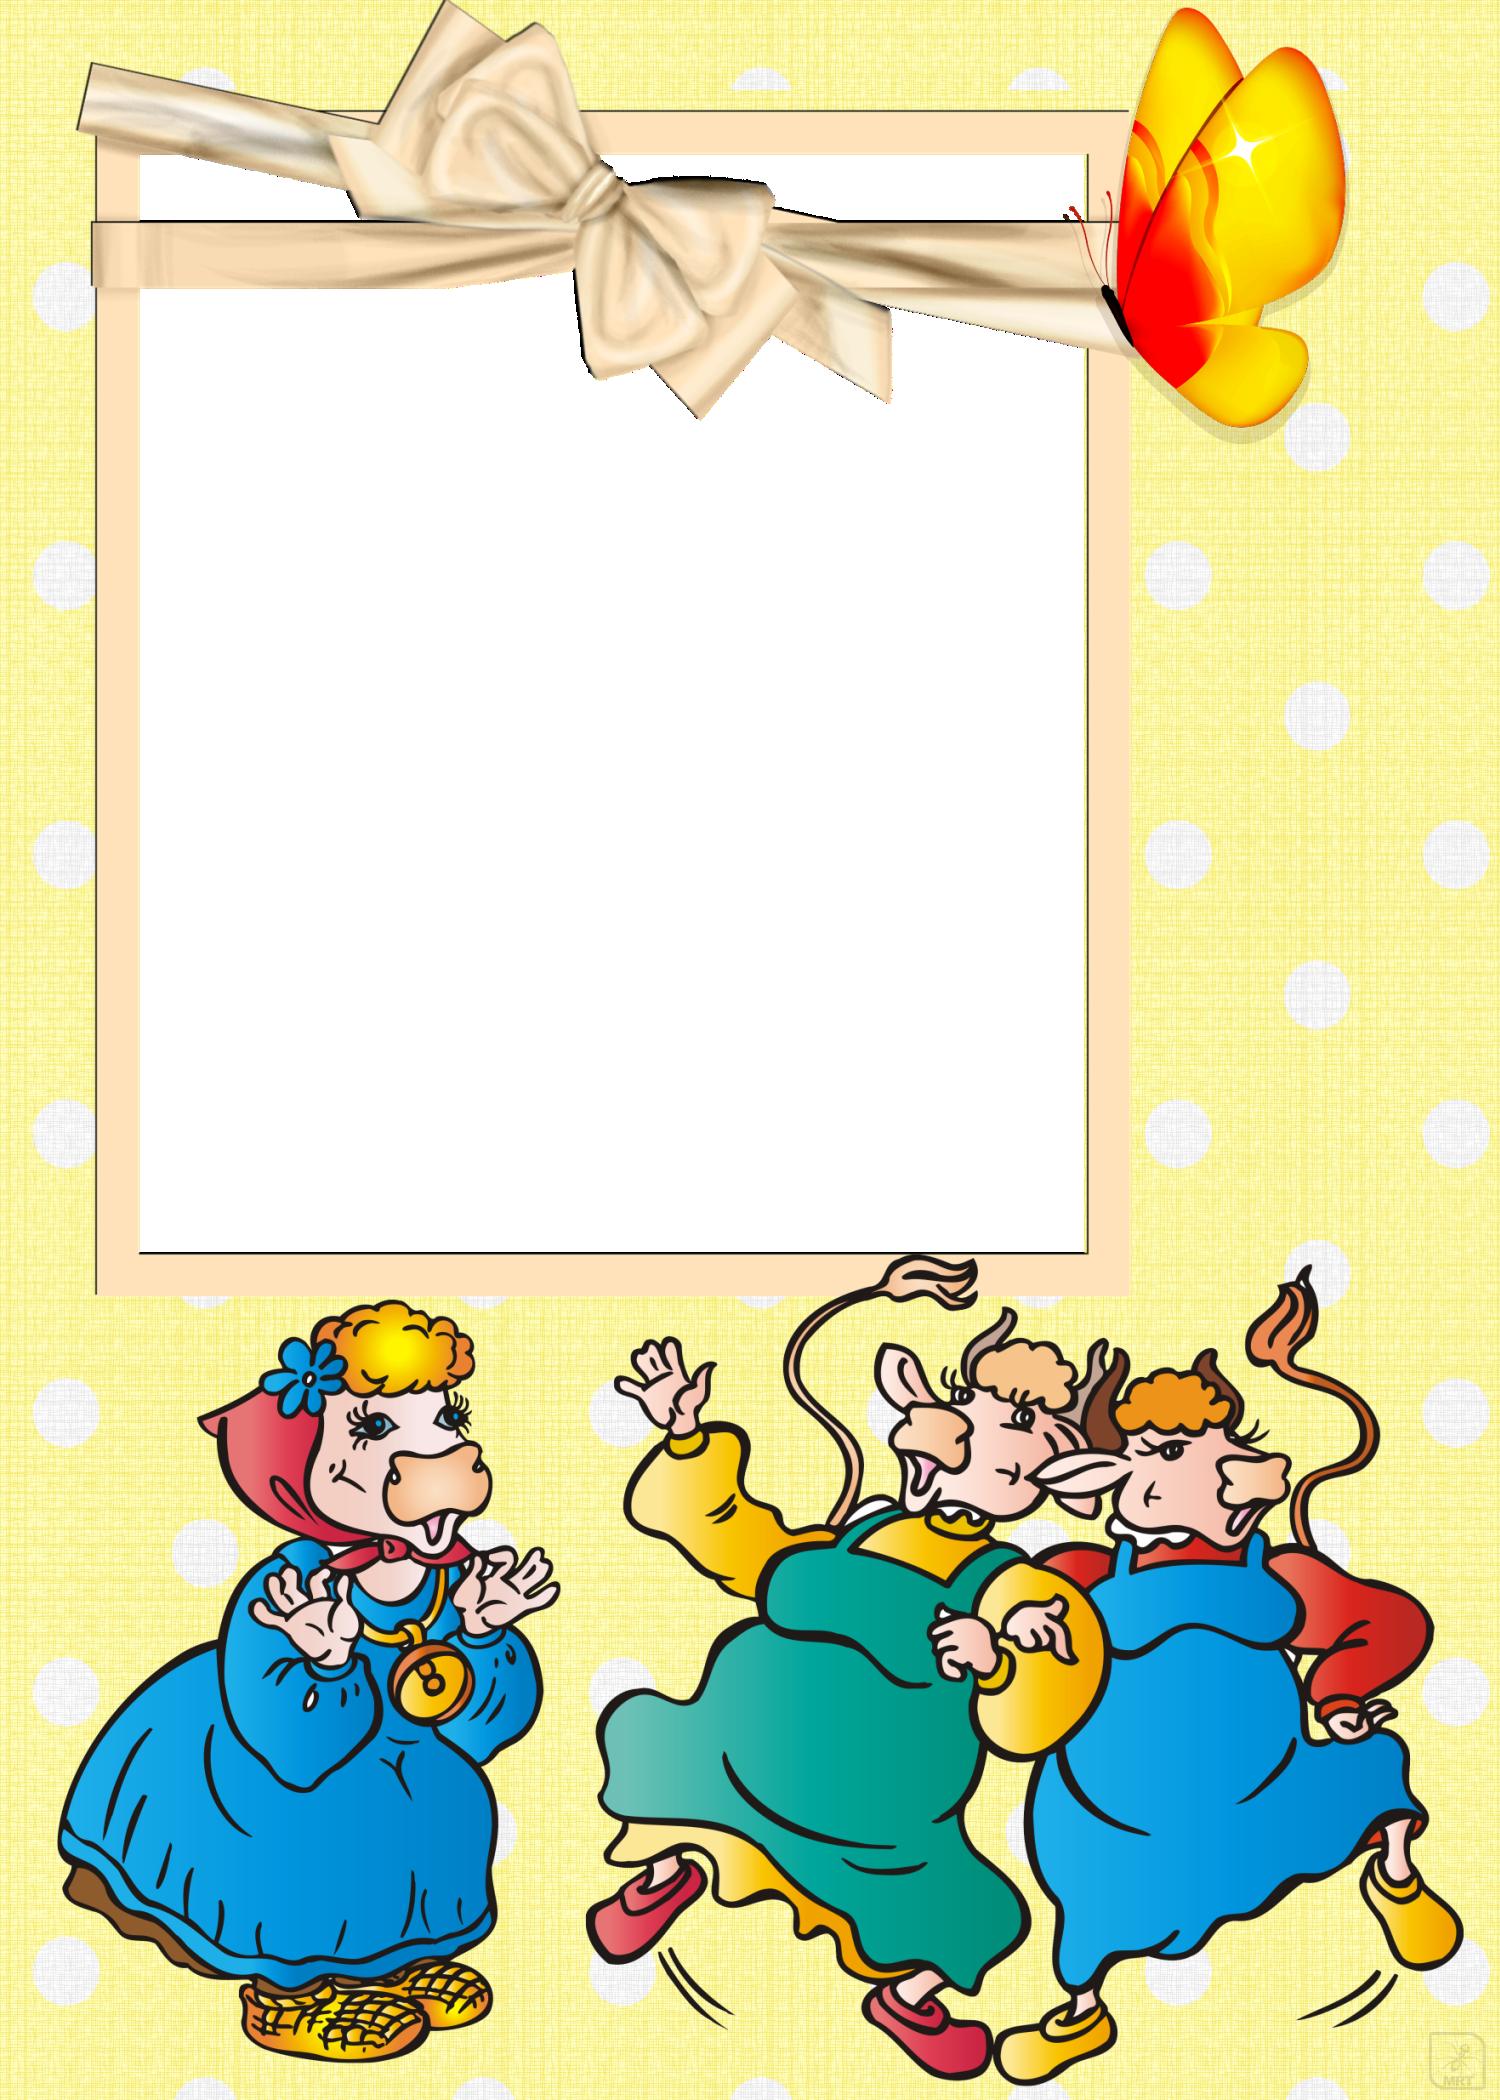 قاب عکس های کودکانه و کارتونی زیبا با فرمت PNG